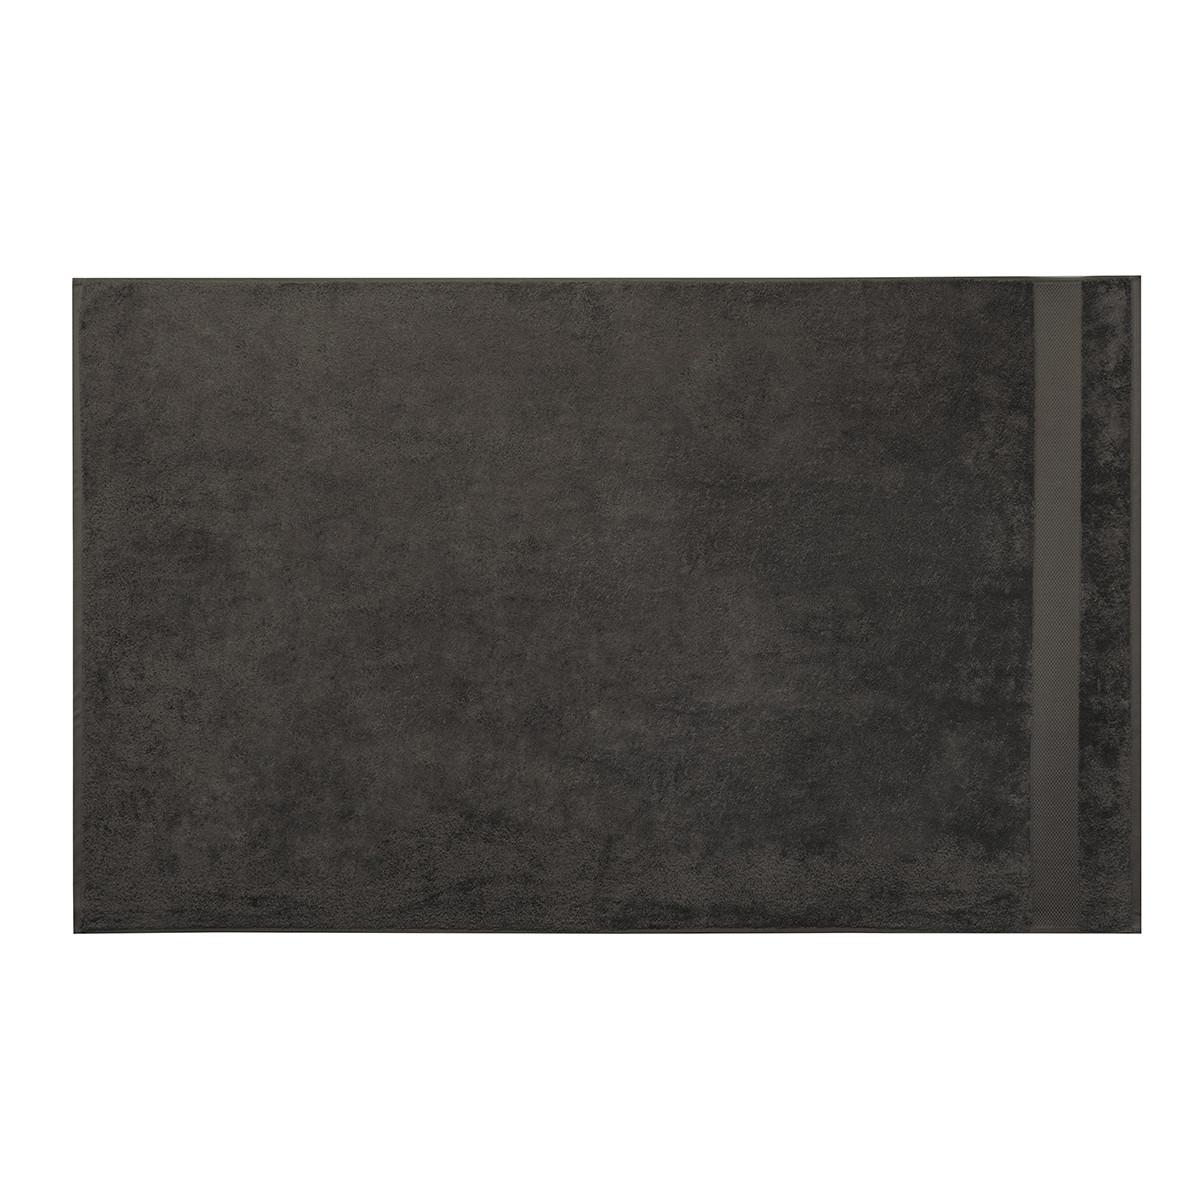 Drap de bain coton 90x150 cm acacia